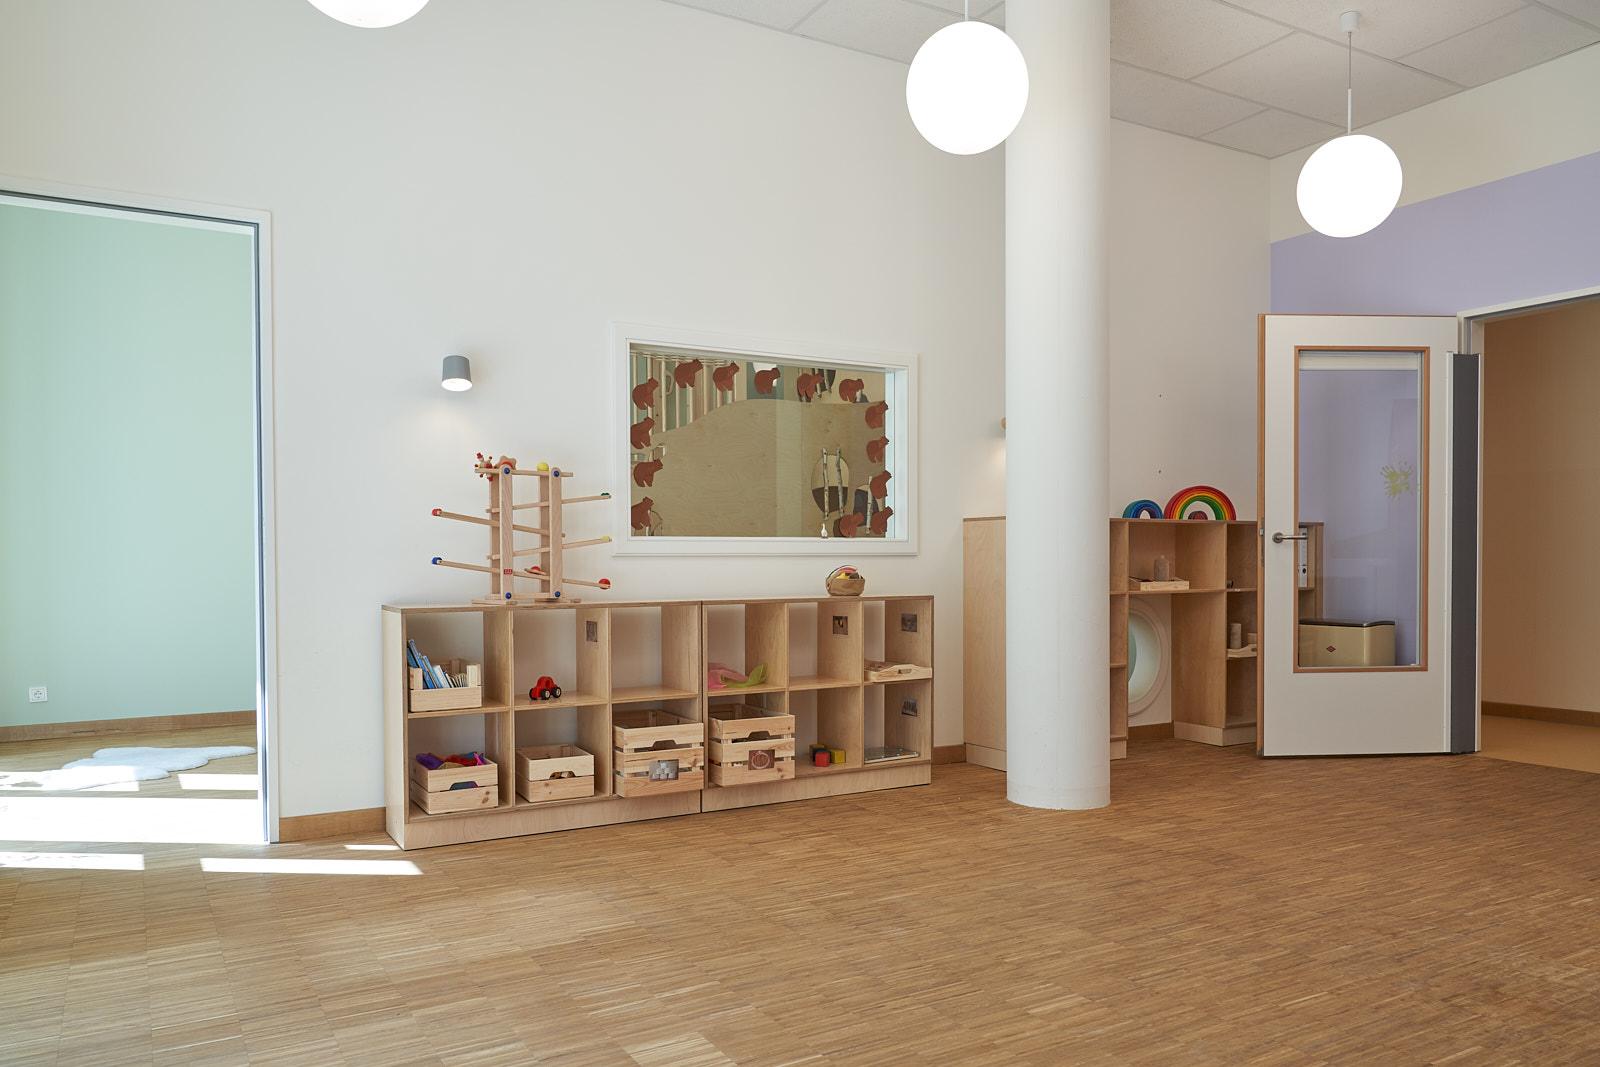 Hamburg, Neue Mitte Altona, Moete, Kita Sandvika, Krippe, U3, Kita, Kindergarten, Kindertagesstätte, Schlafpodest, Krippe 03-01.jpg